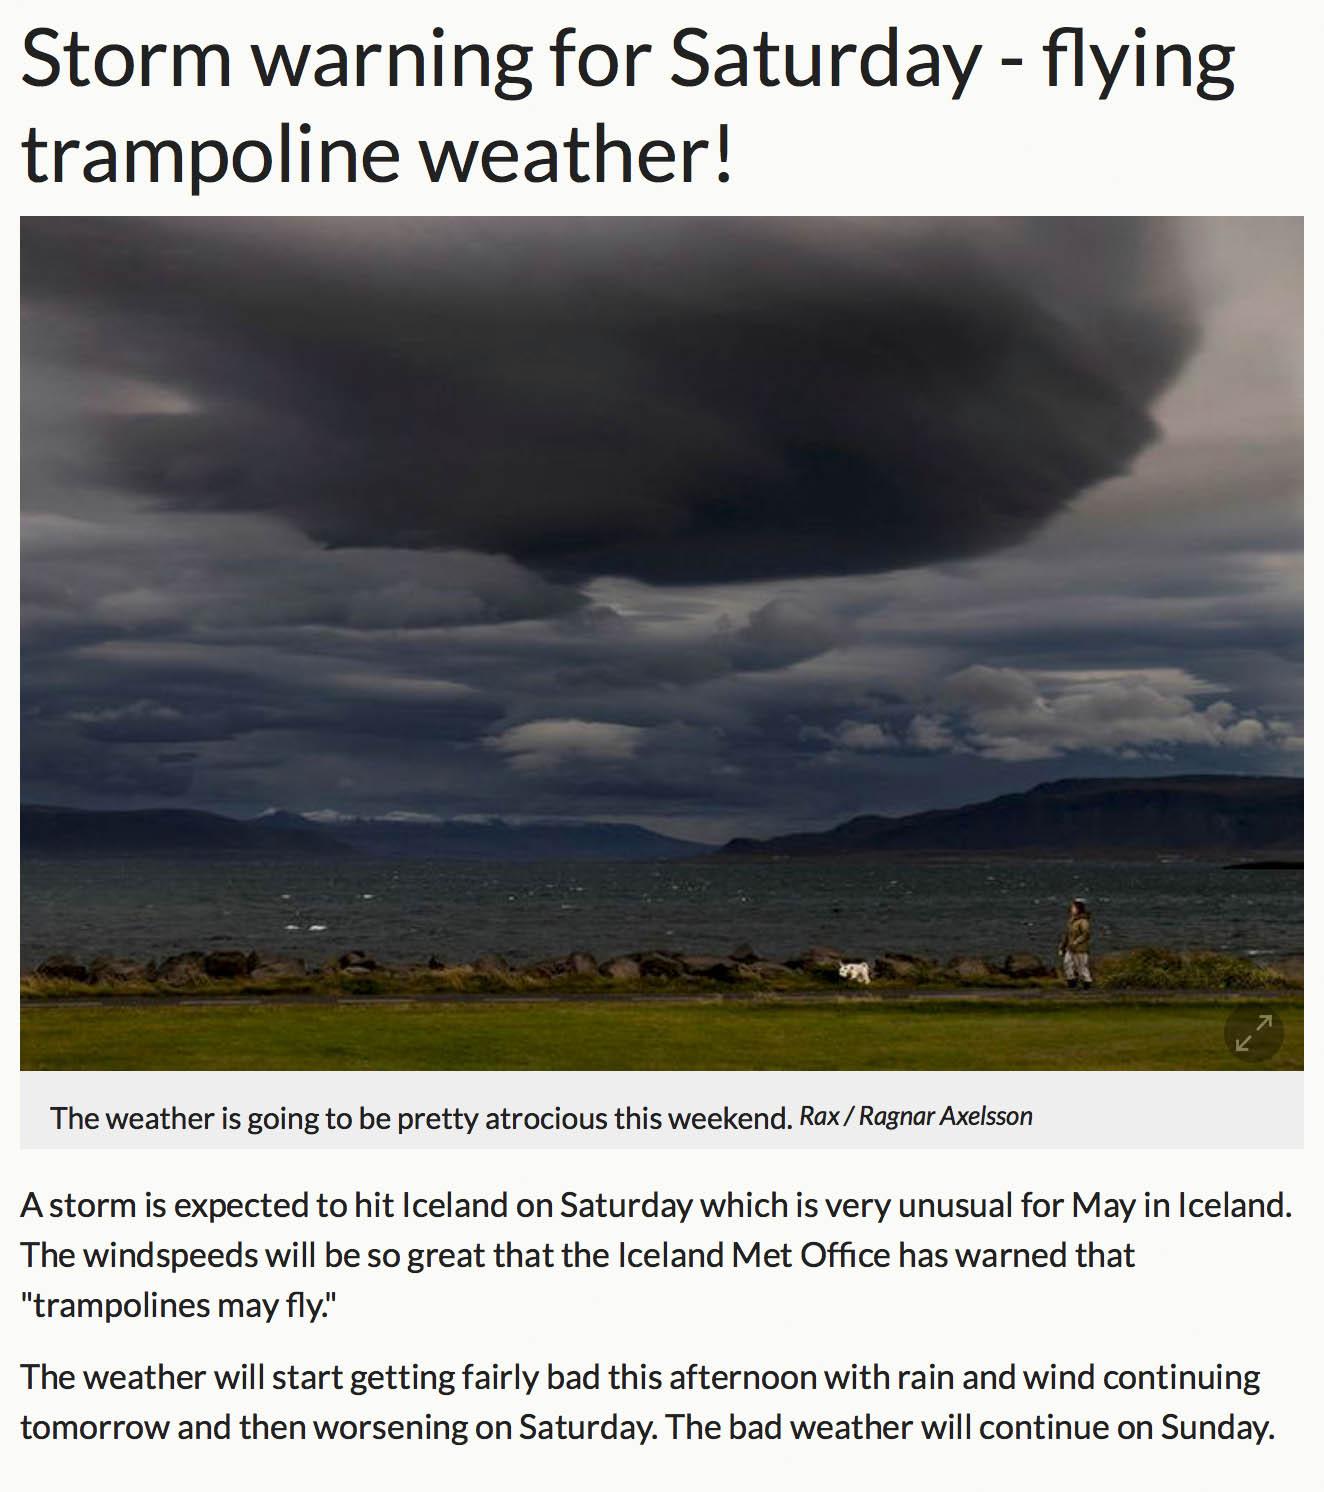 Так в газете предупреждают о надвигающемся шторме. Заголовок гласит: «В субботу будет погода летающих батутов»